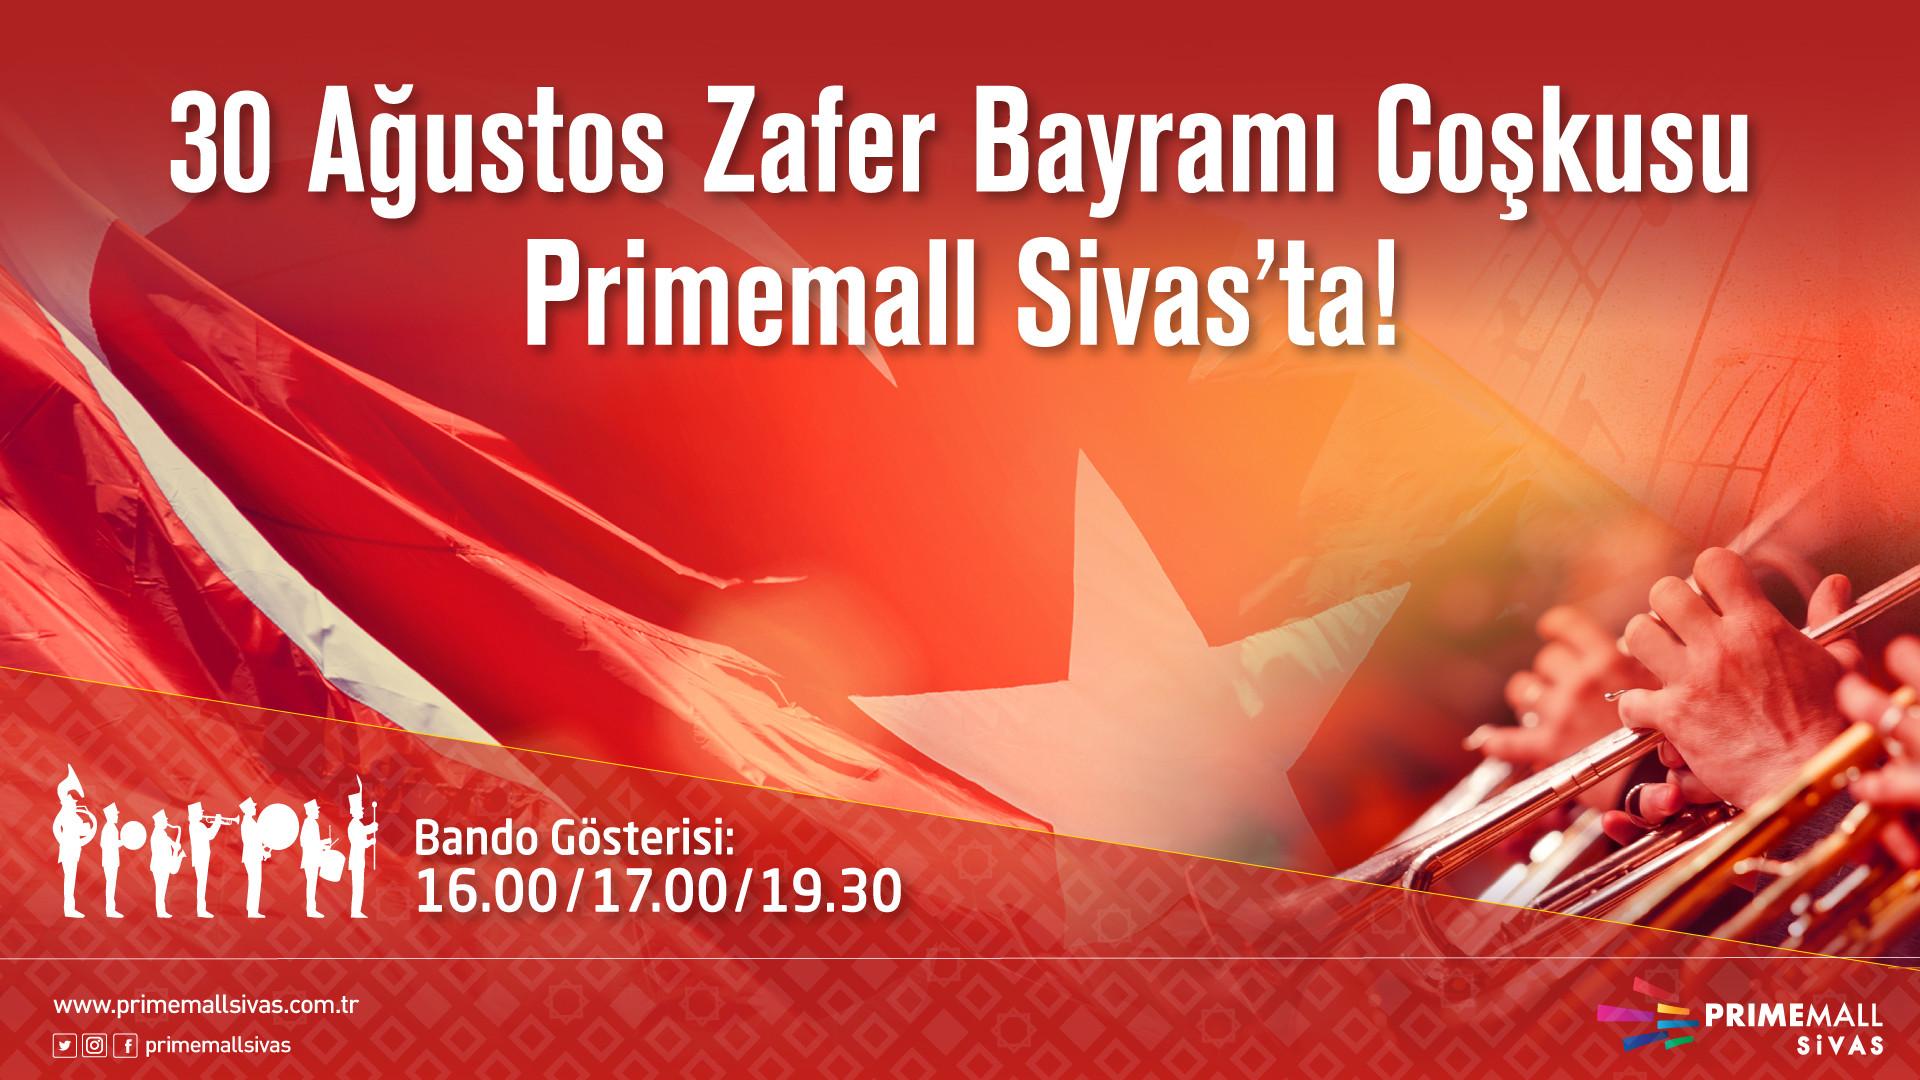 30 Ağustos Zafer Bayramı Coşkusu Primemall Sivas'ta!